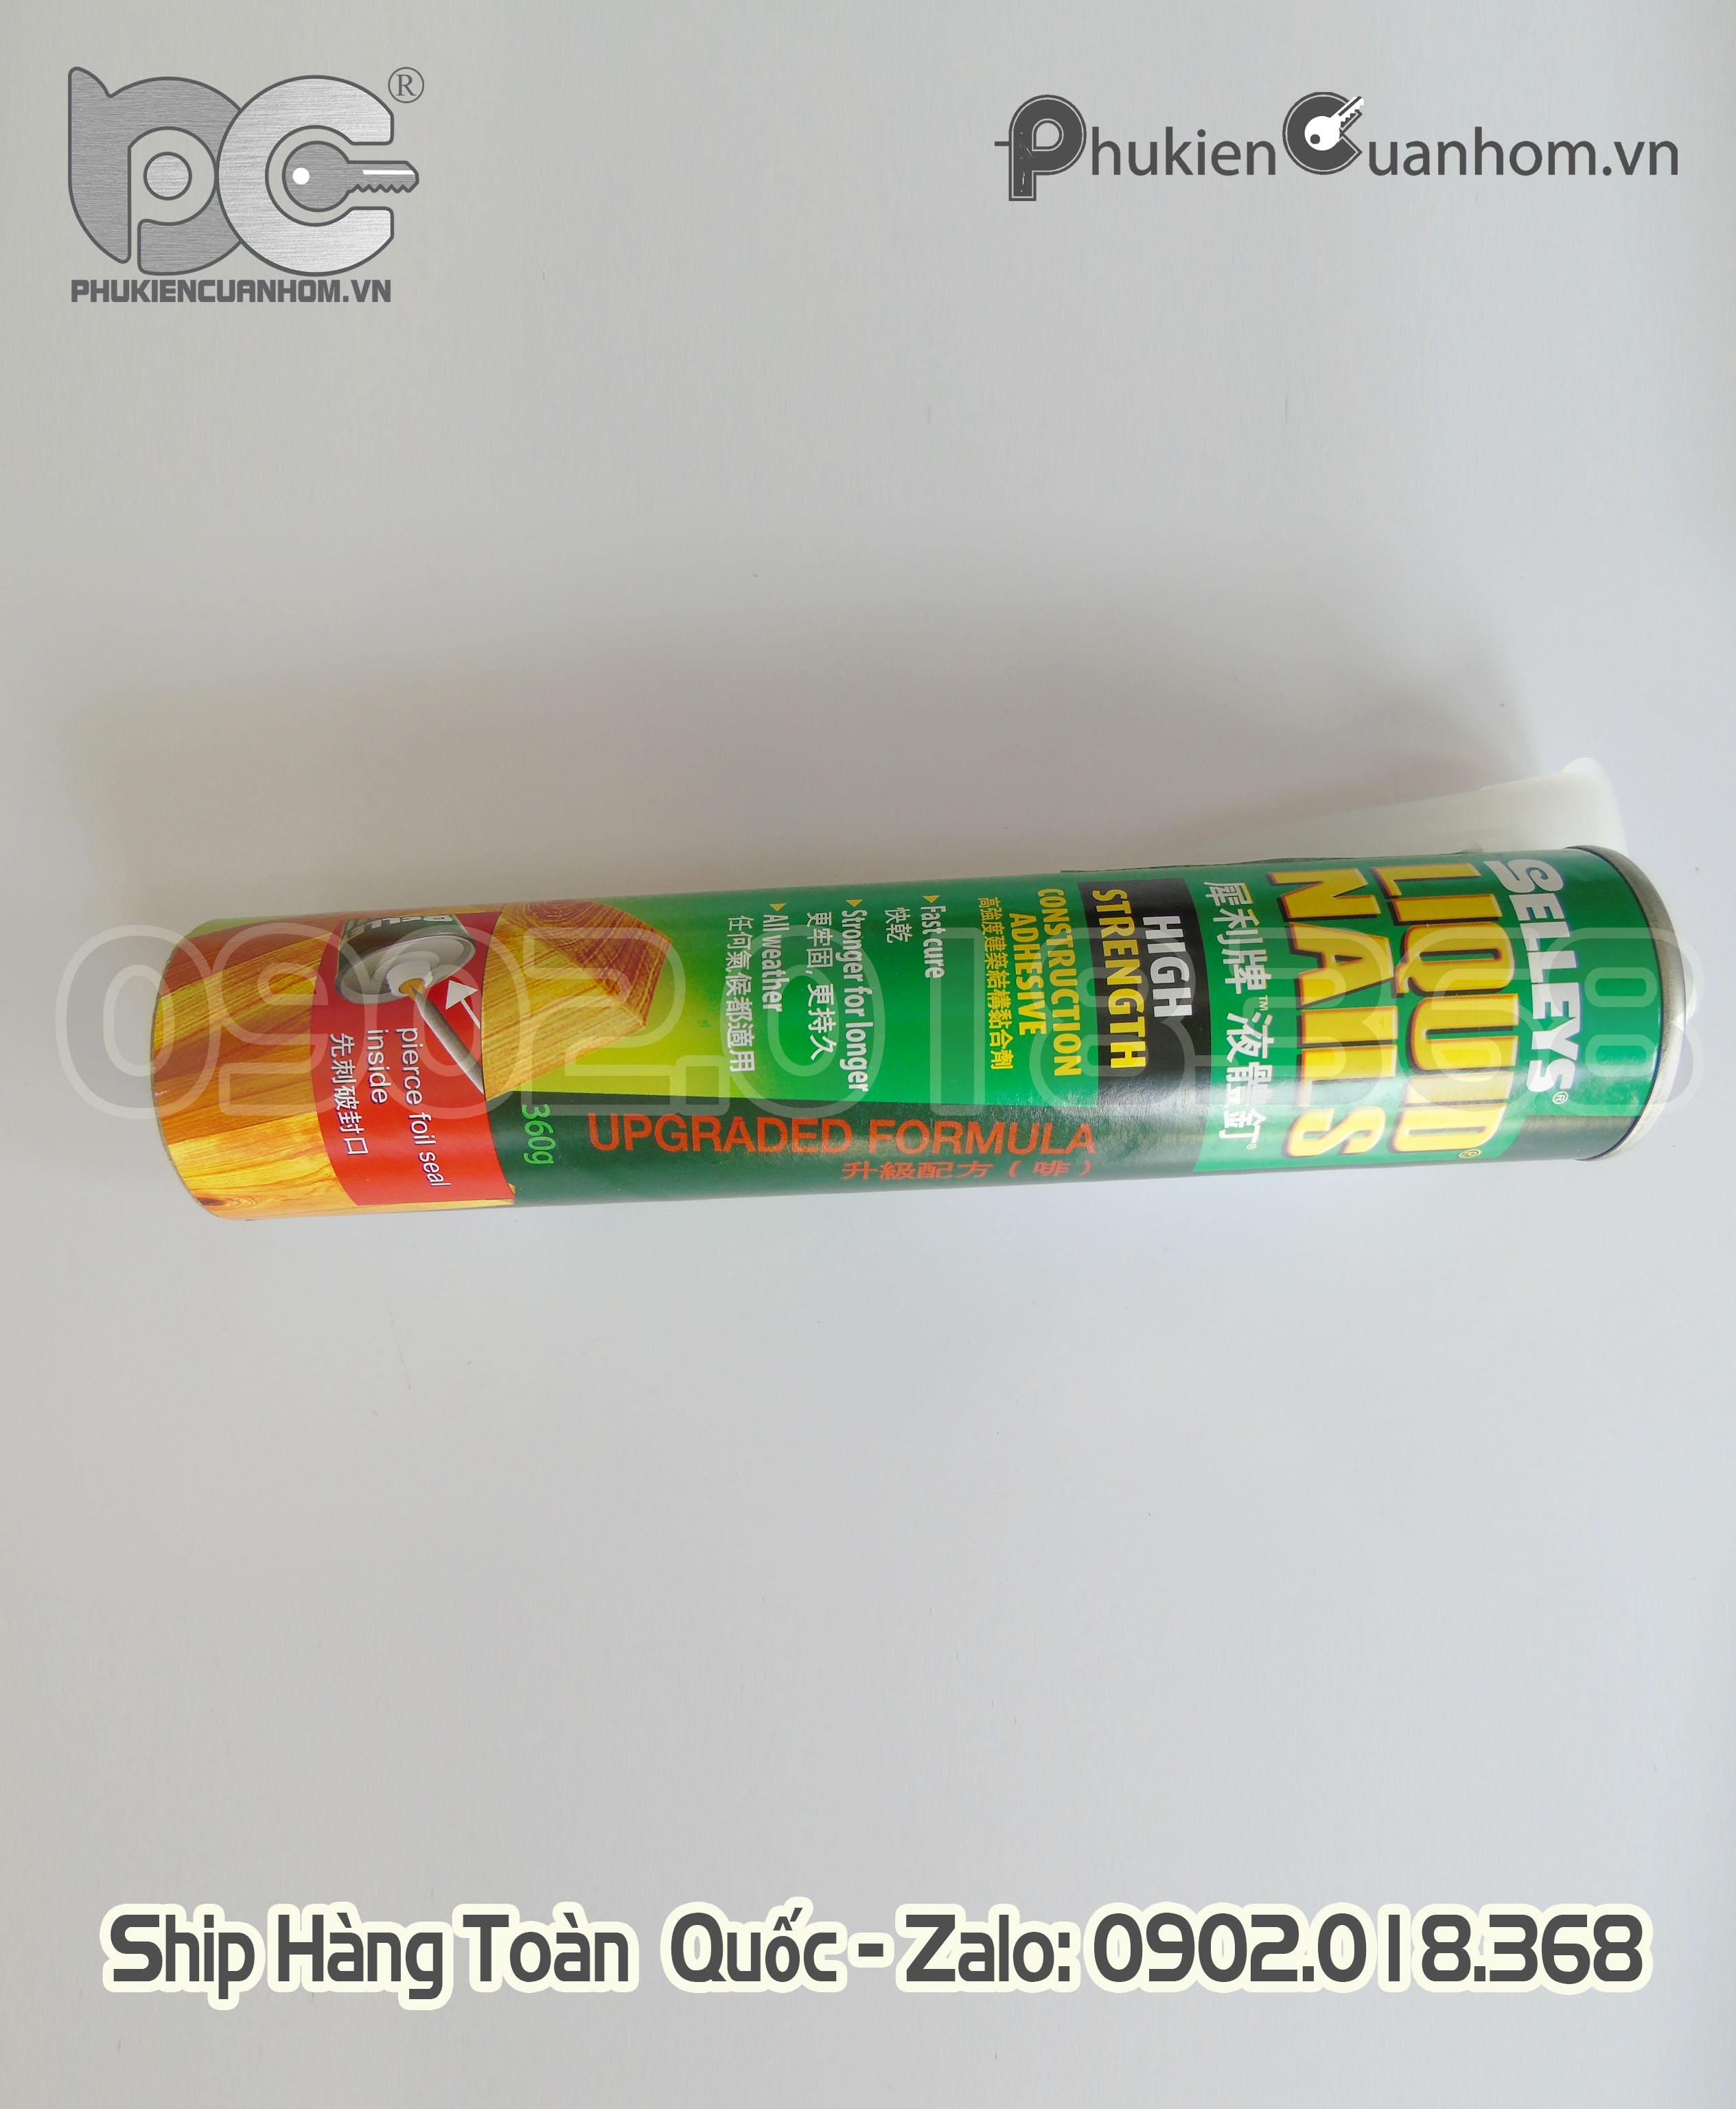 Keo ép góc cửa nhôm Selleys Liquid Nails